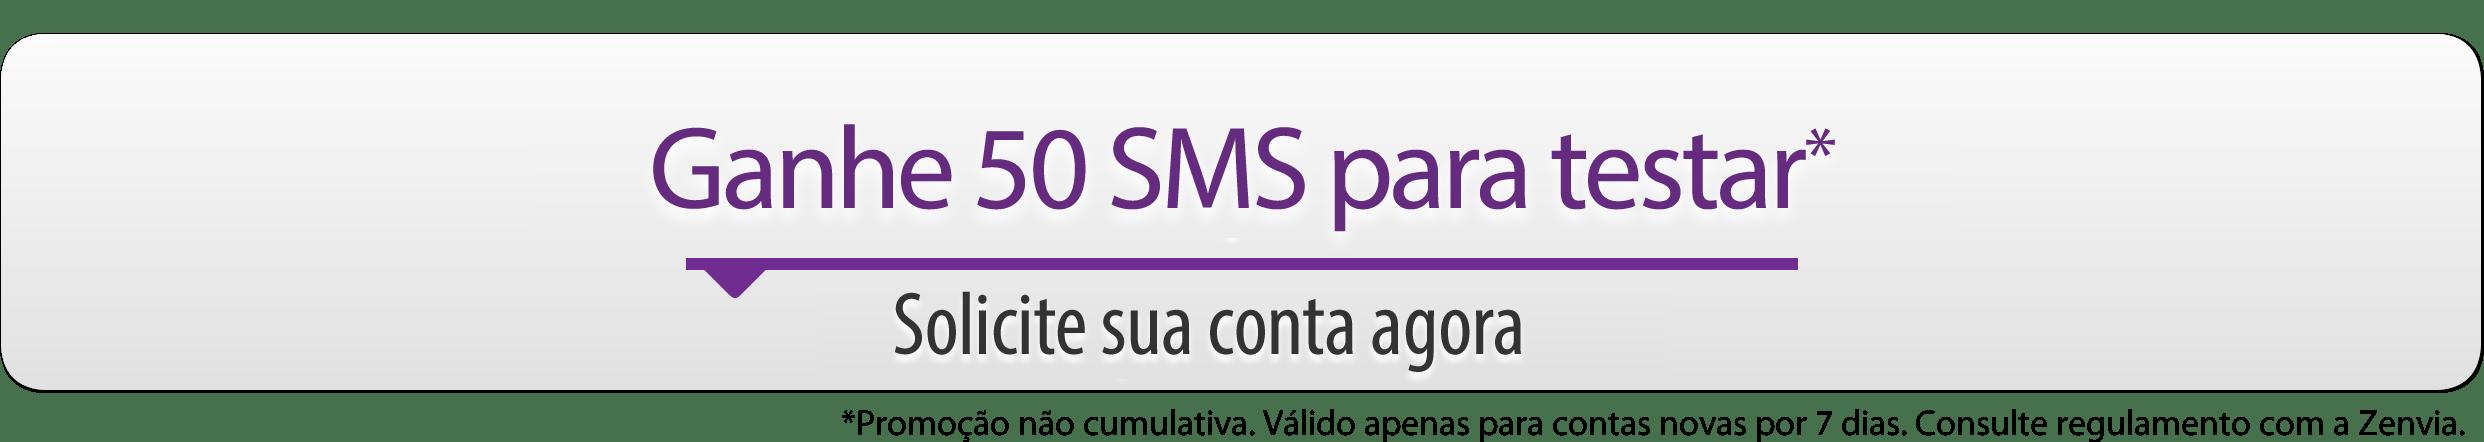 crie as melhores campanhas de marketing com sms